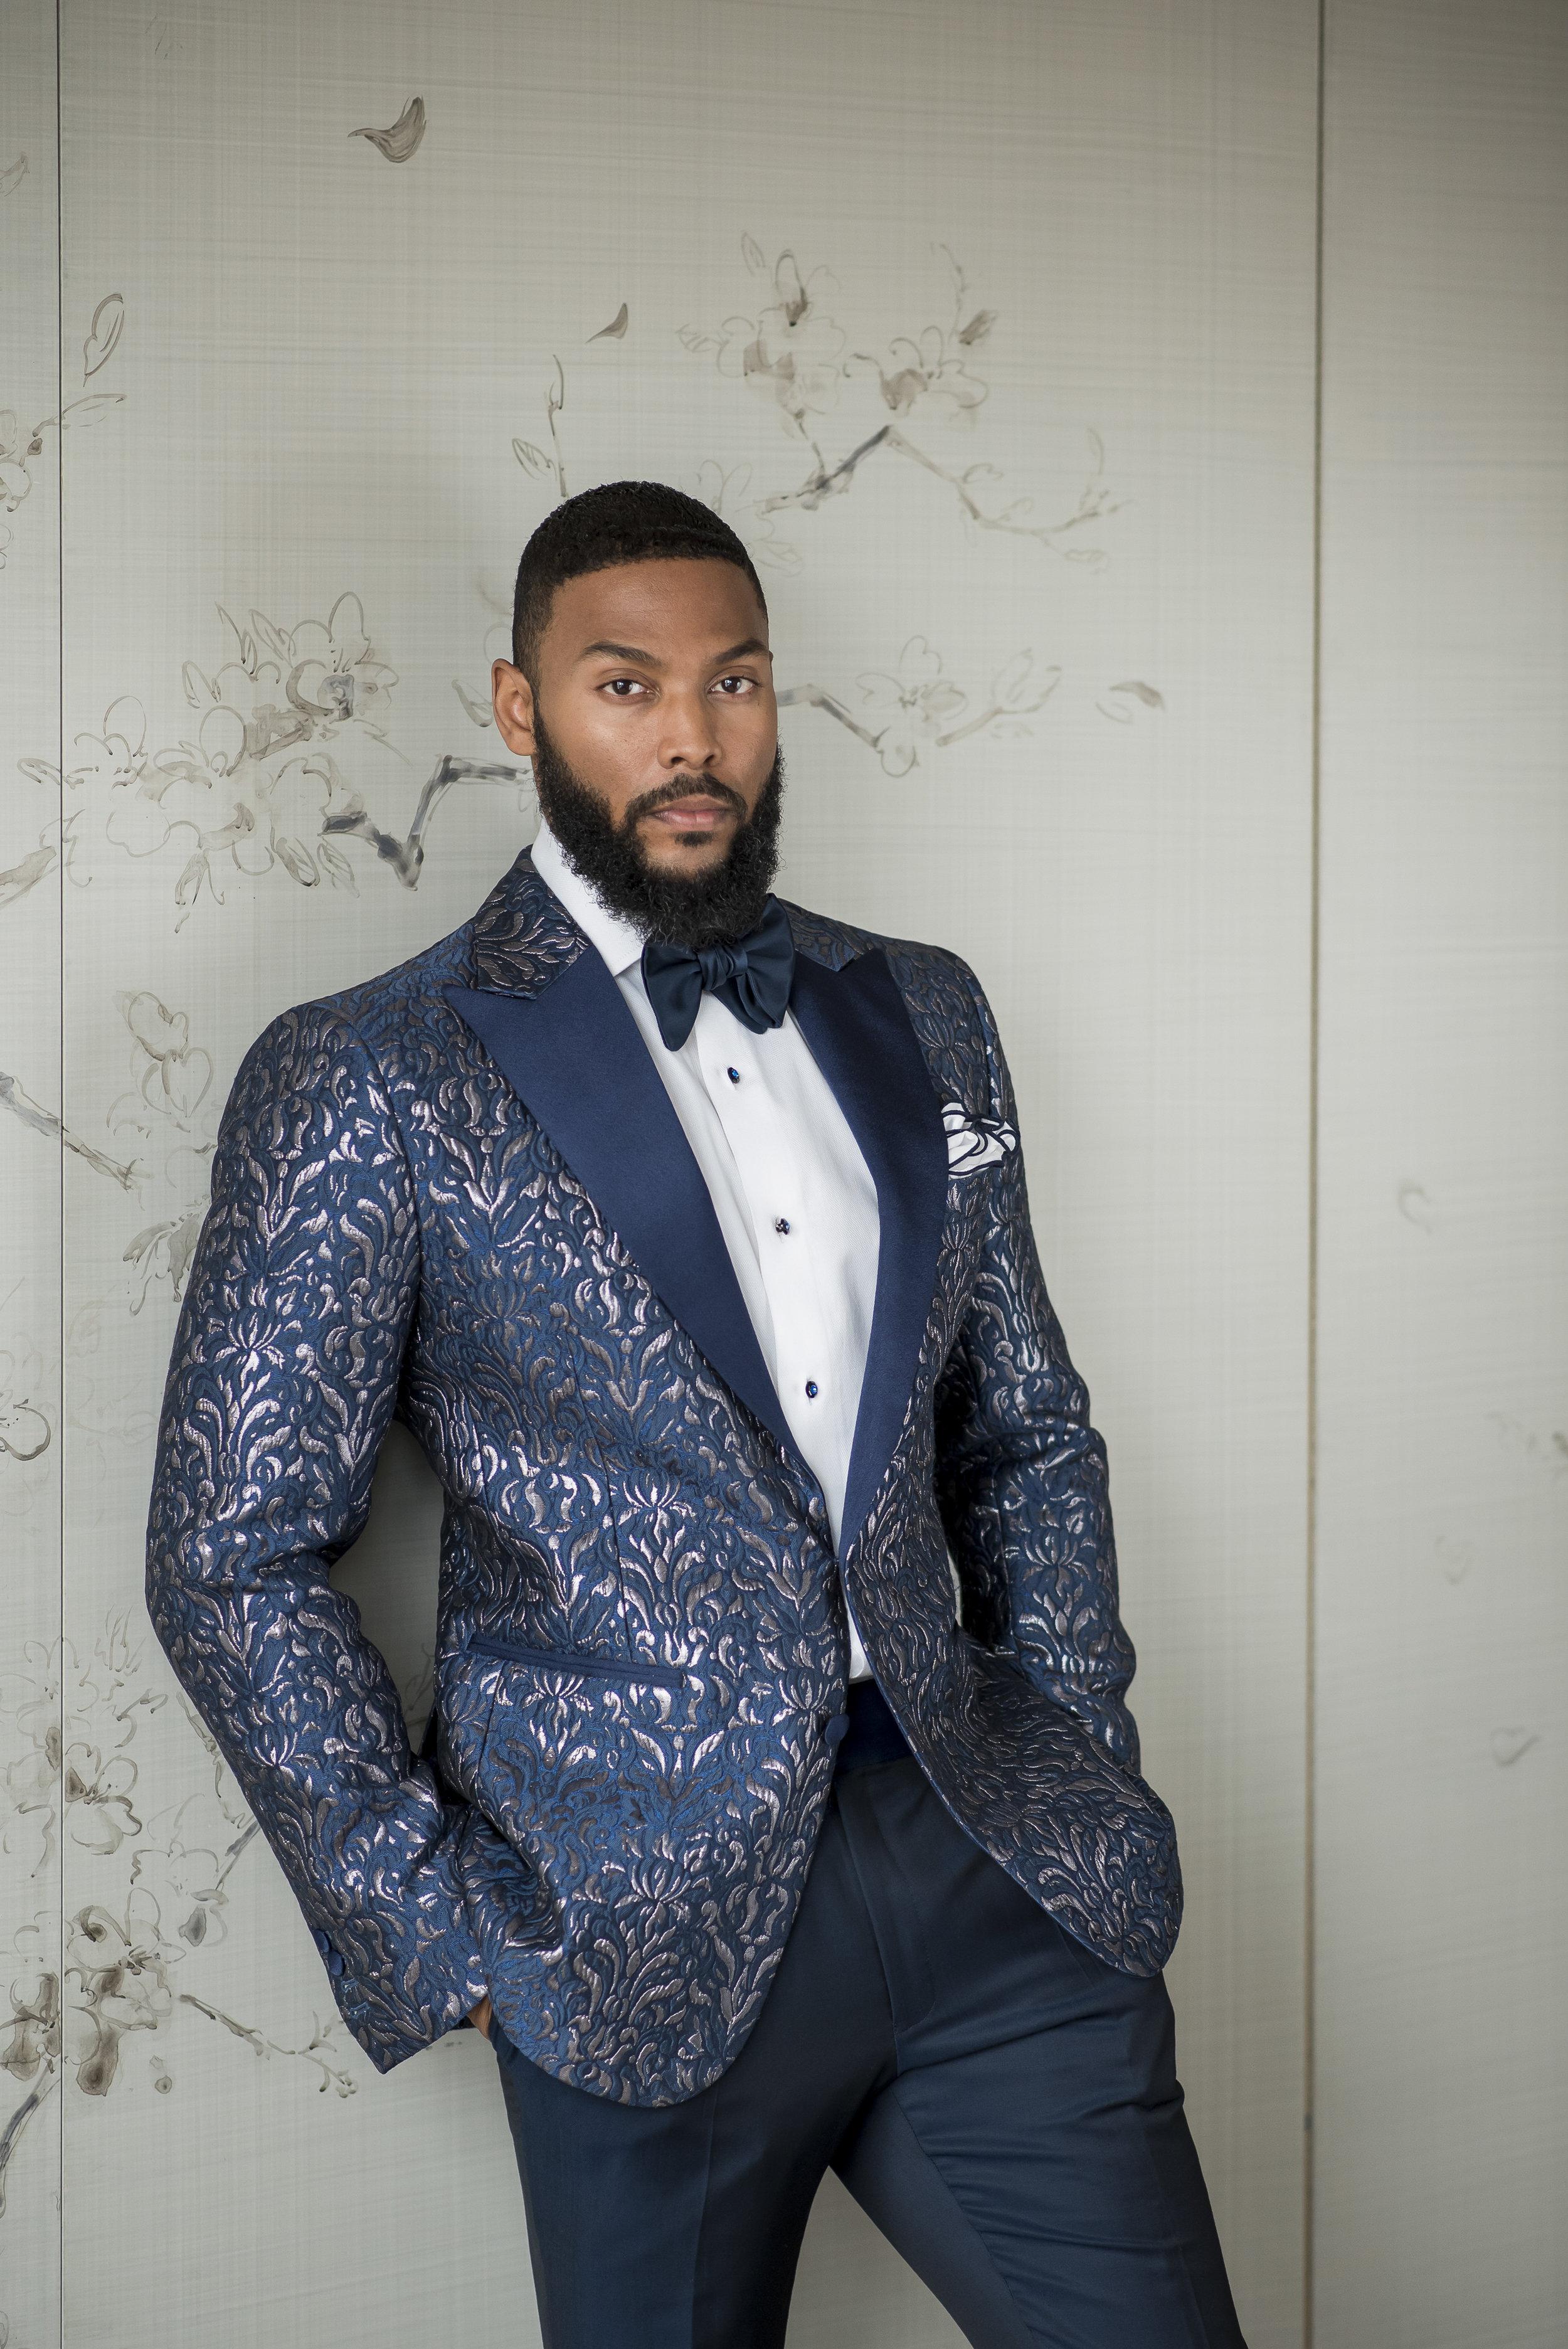 August In Bloom - Groom in blue patterned suit - The Suited Groom